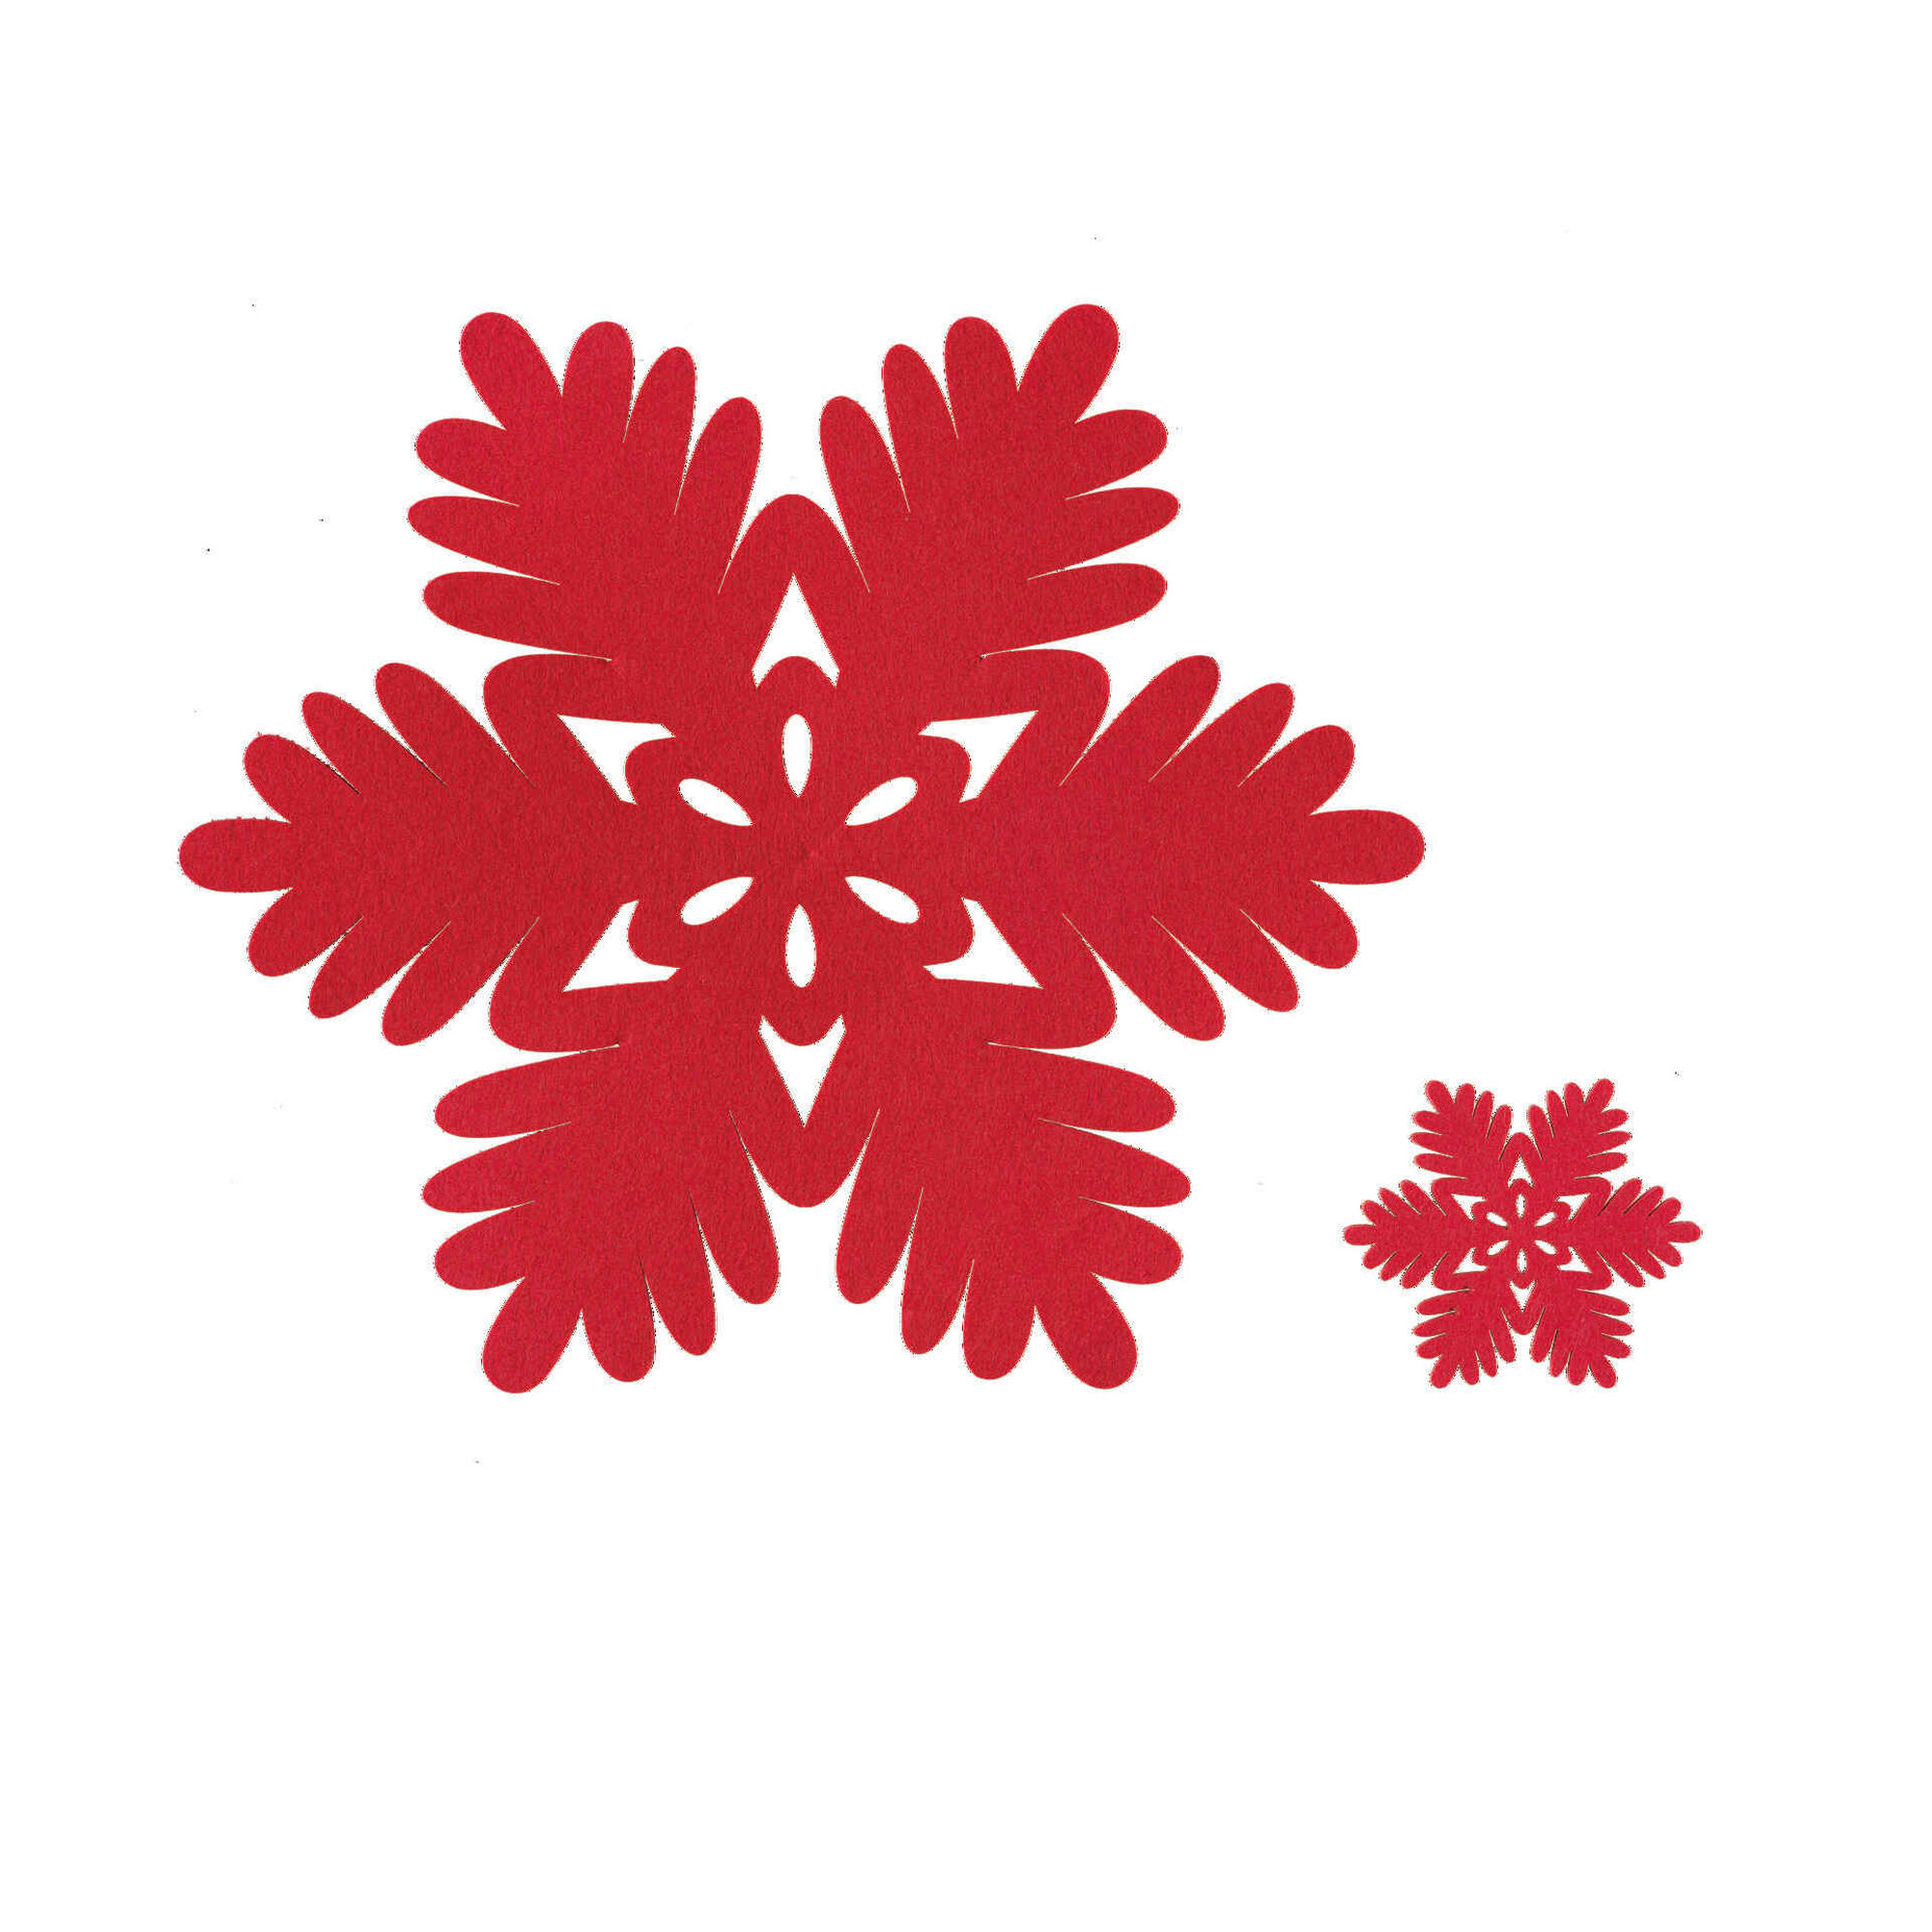 Conjunto 4 Individuais e 4 Bases Copos Feltro Flocos Neve Vermelhos